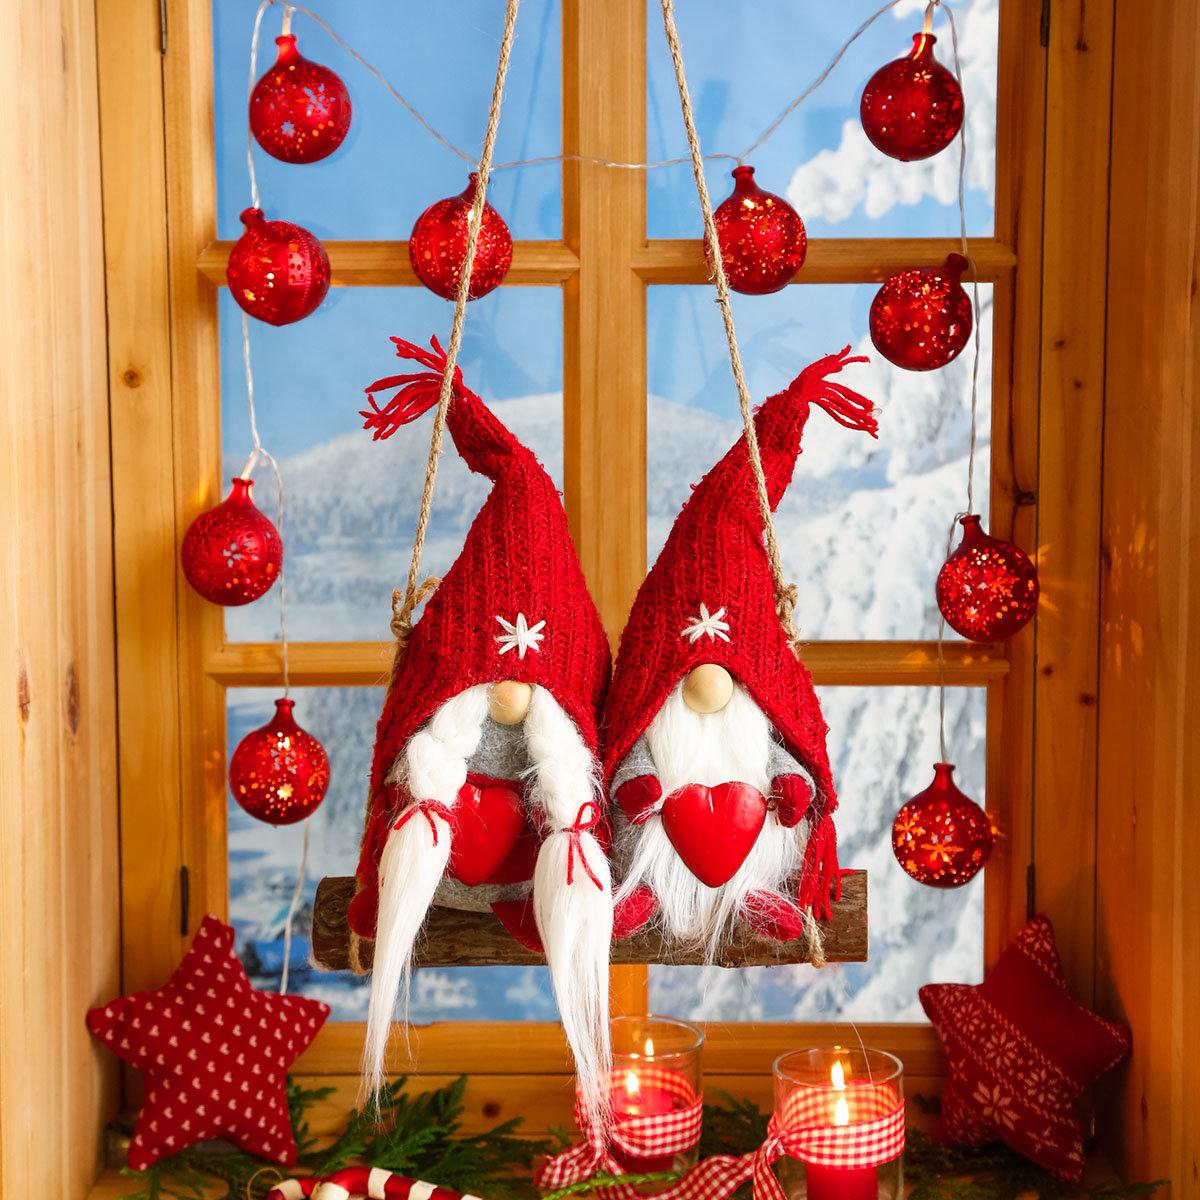 Frau und Herr Santa auf der Schaukel